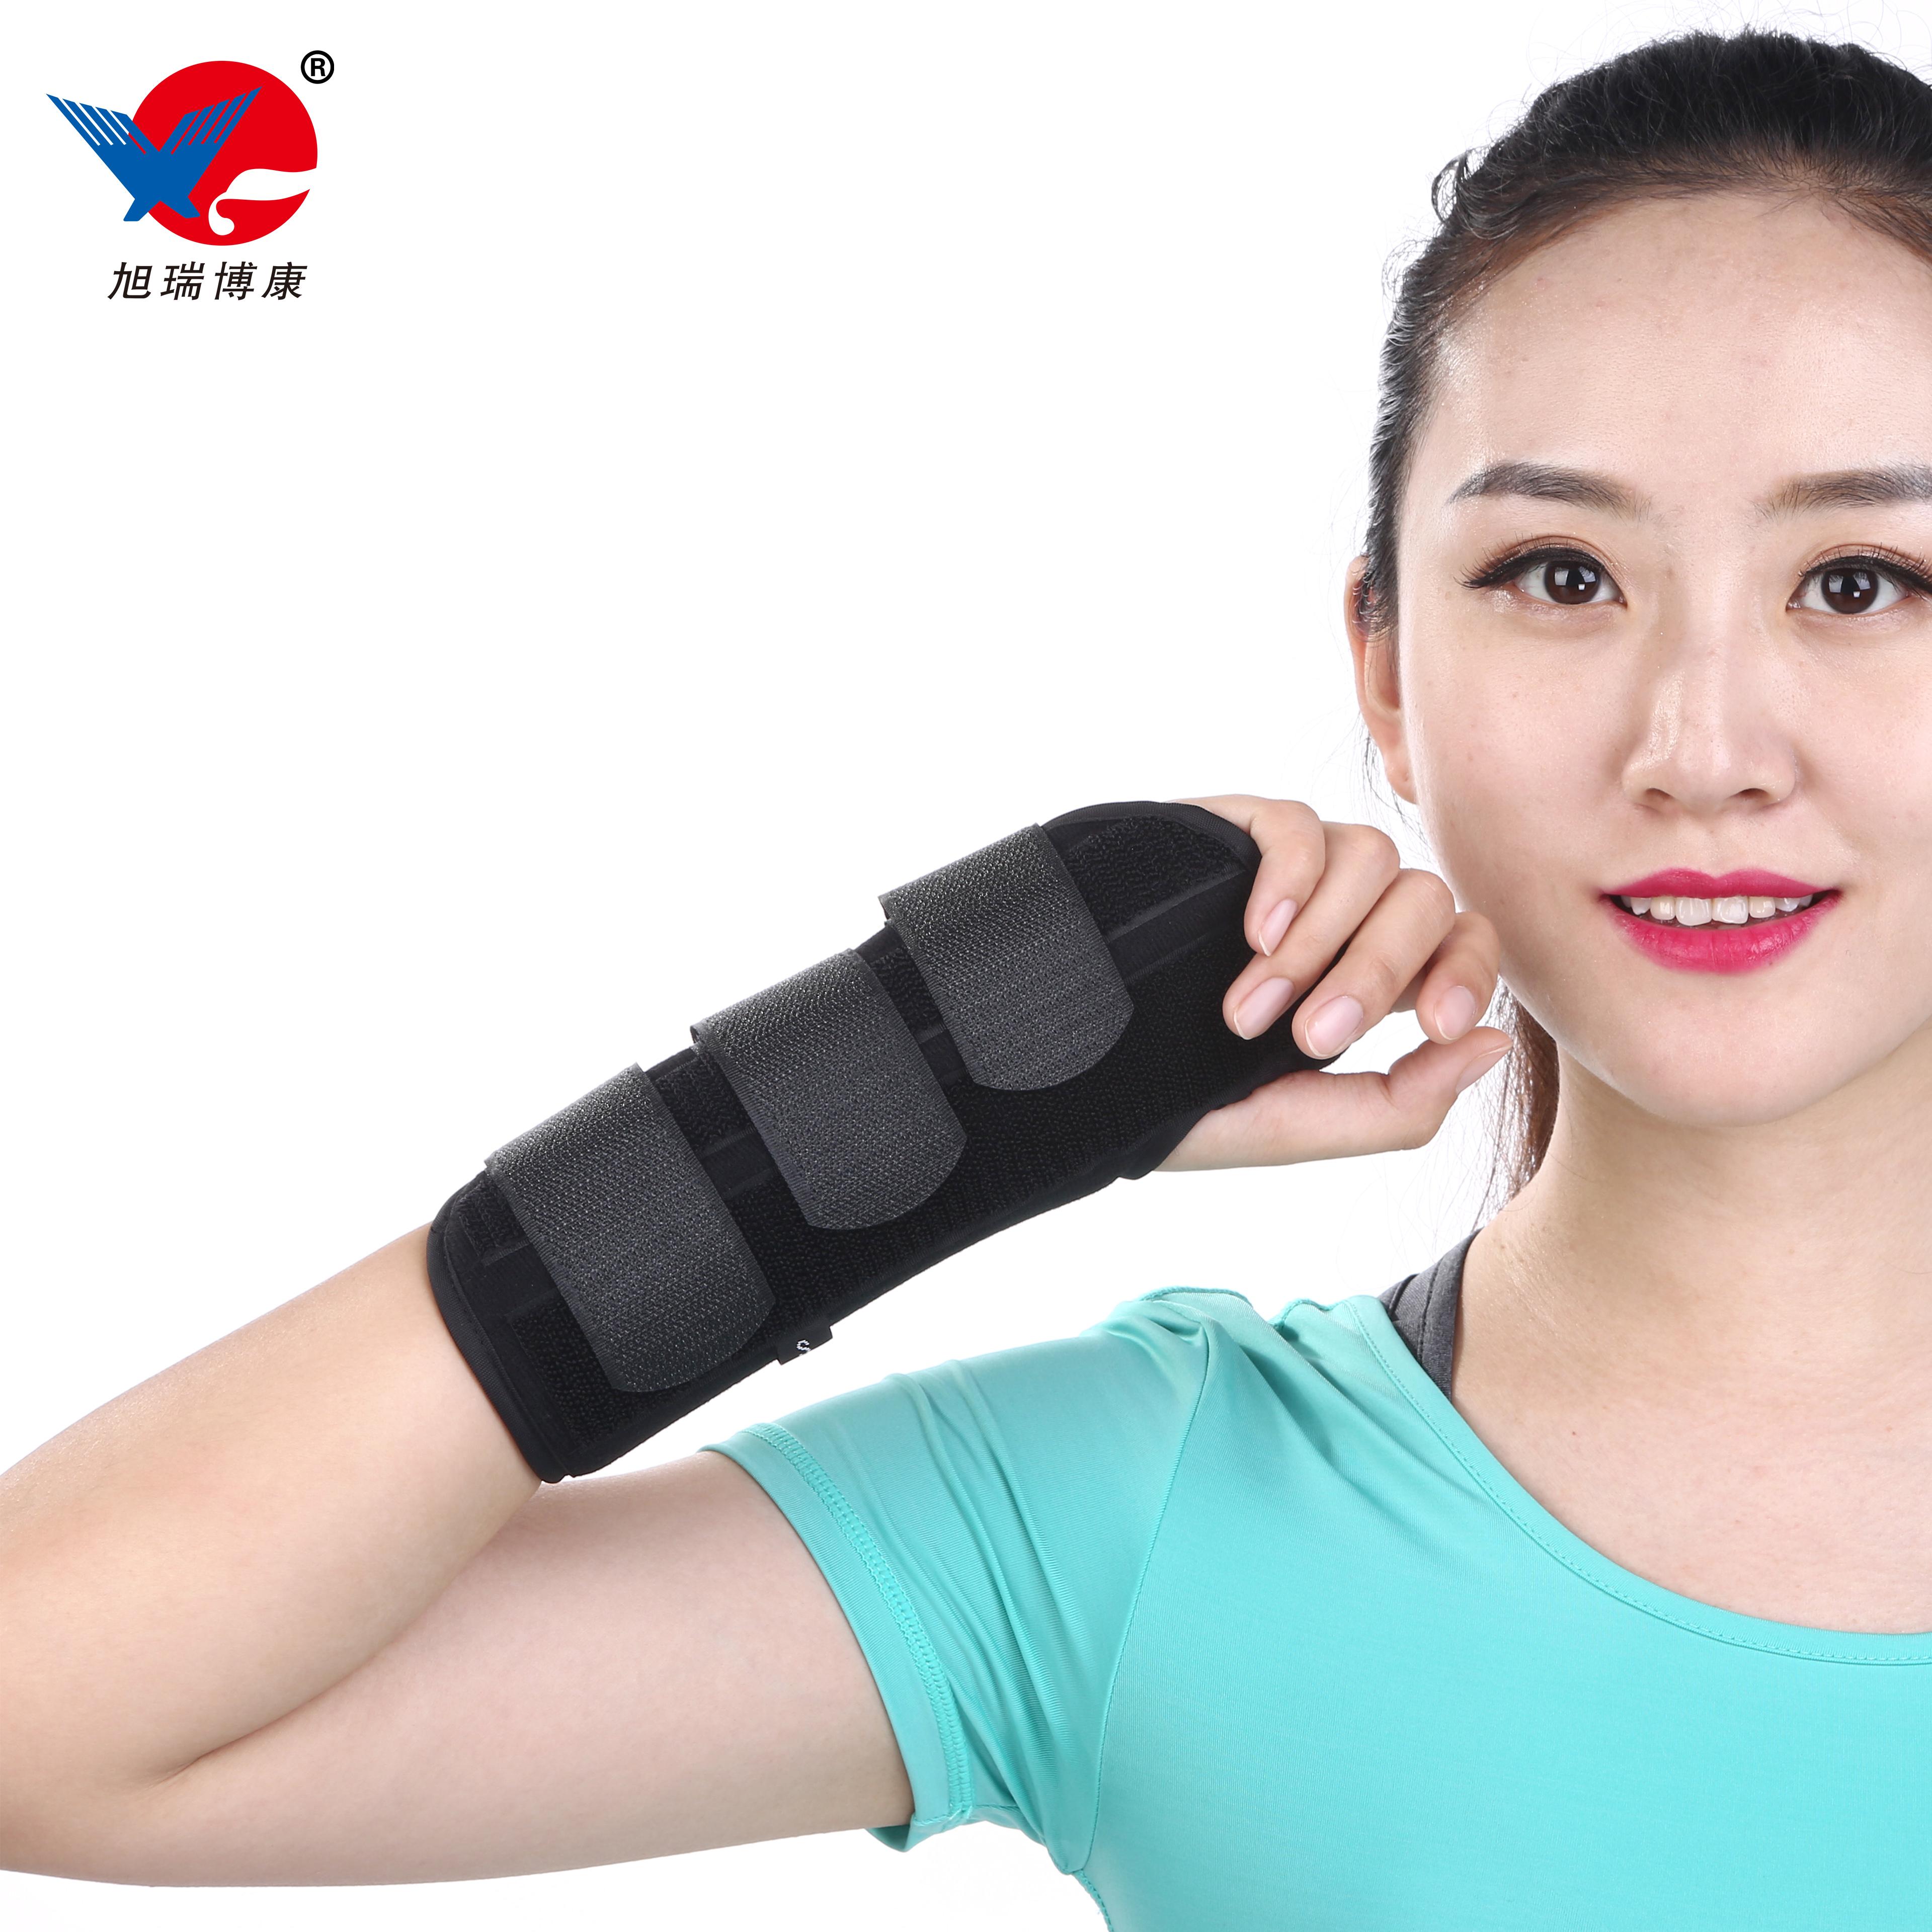 Medical orthopedic Night Sleep Brace Splint Wrist Brace Carpal Tunnel